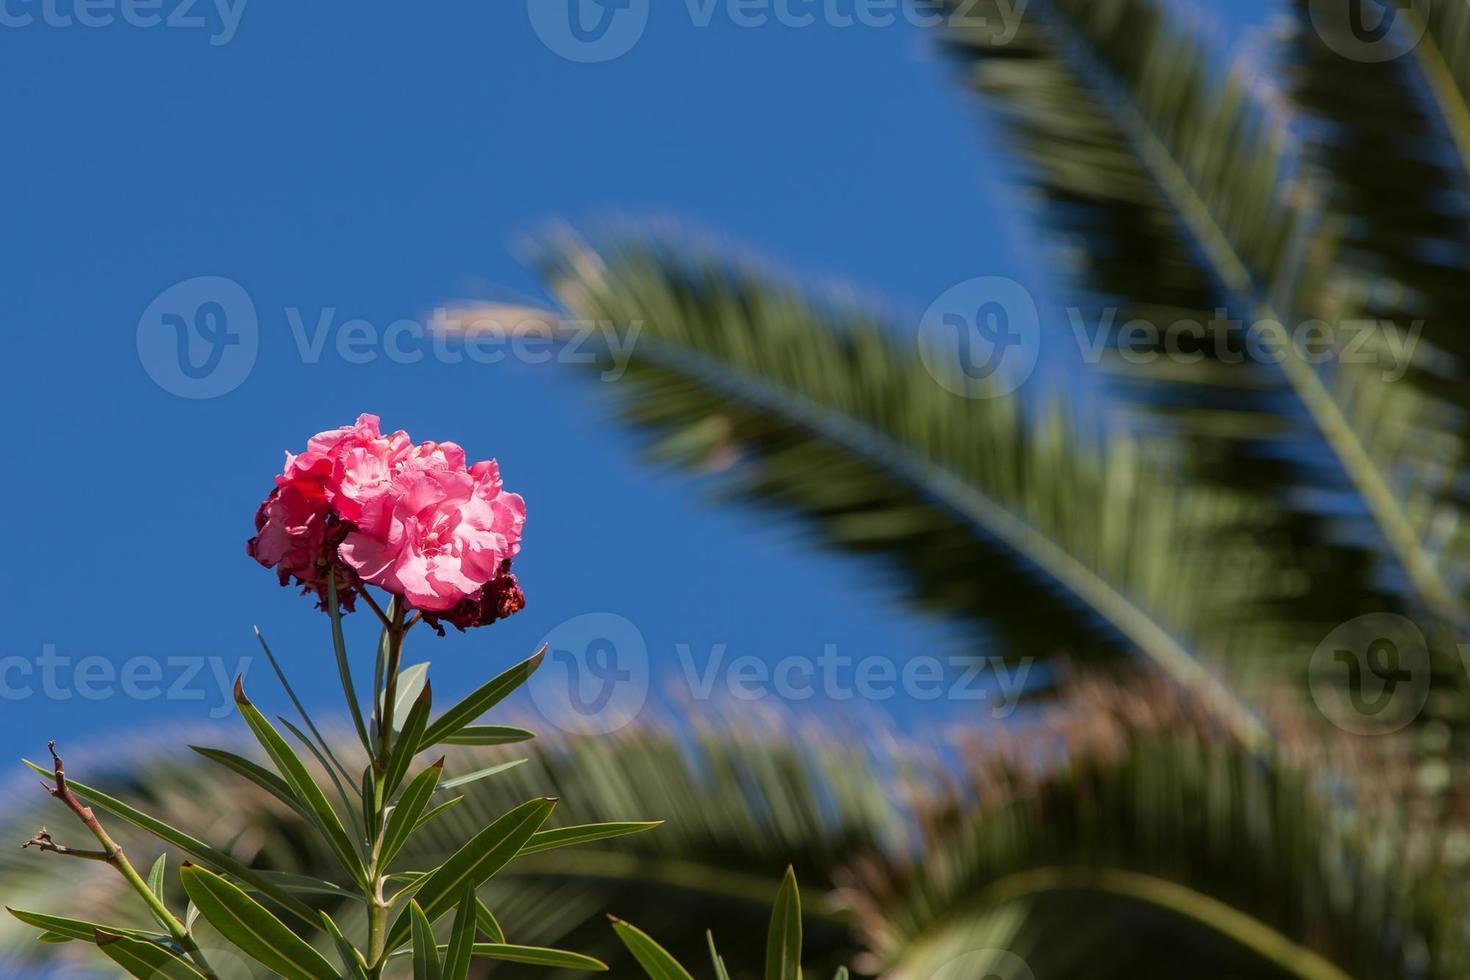 bloem in madeira foto